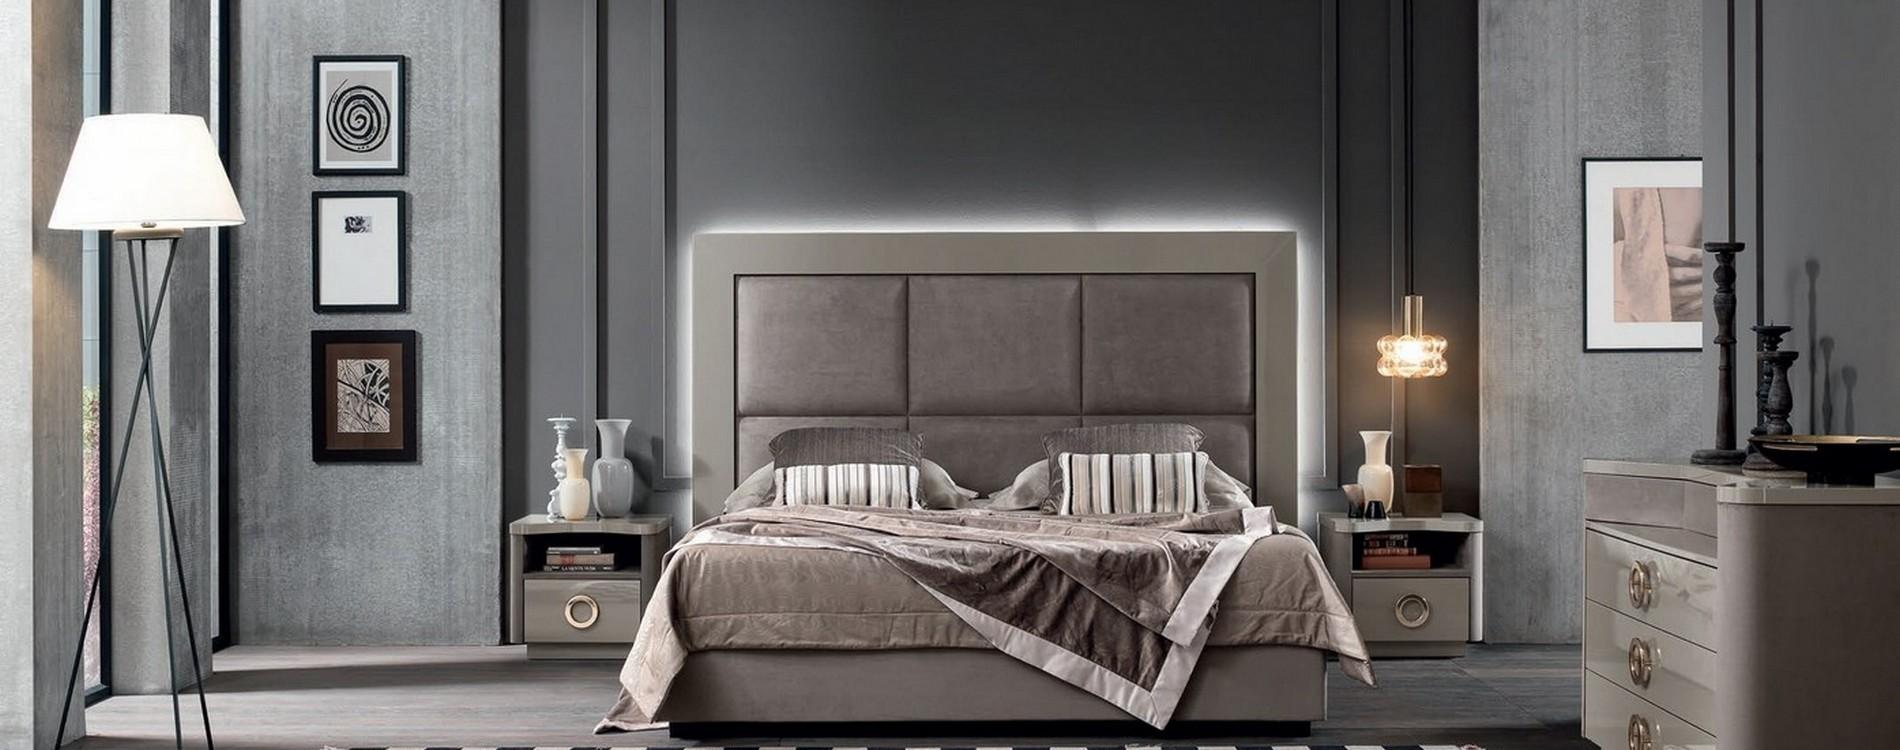 Mobilificio europa camere da letto letti comodini armadi for Camere da letto verona